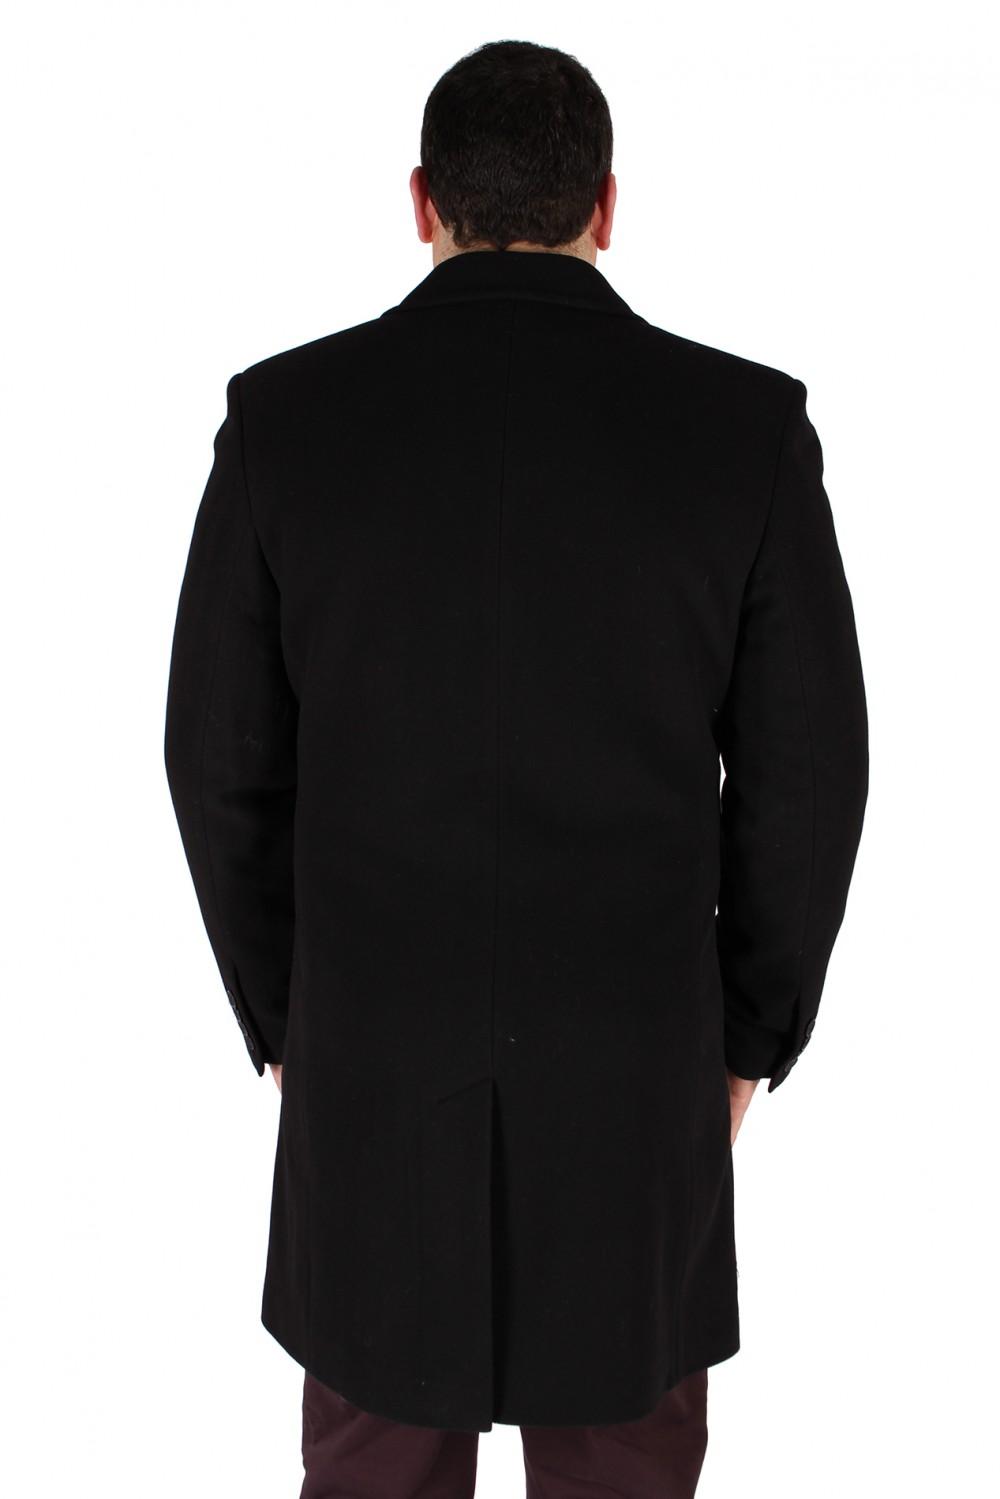 Купить оптом Пальто мужское черного цвета 16Ch в Казани